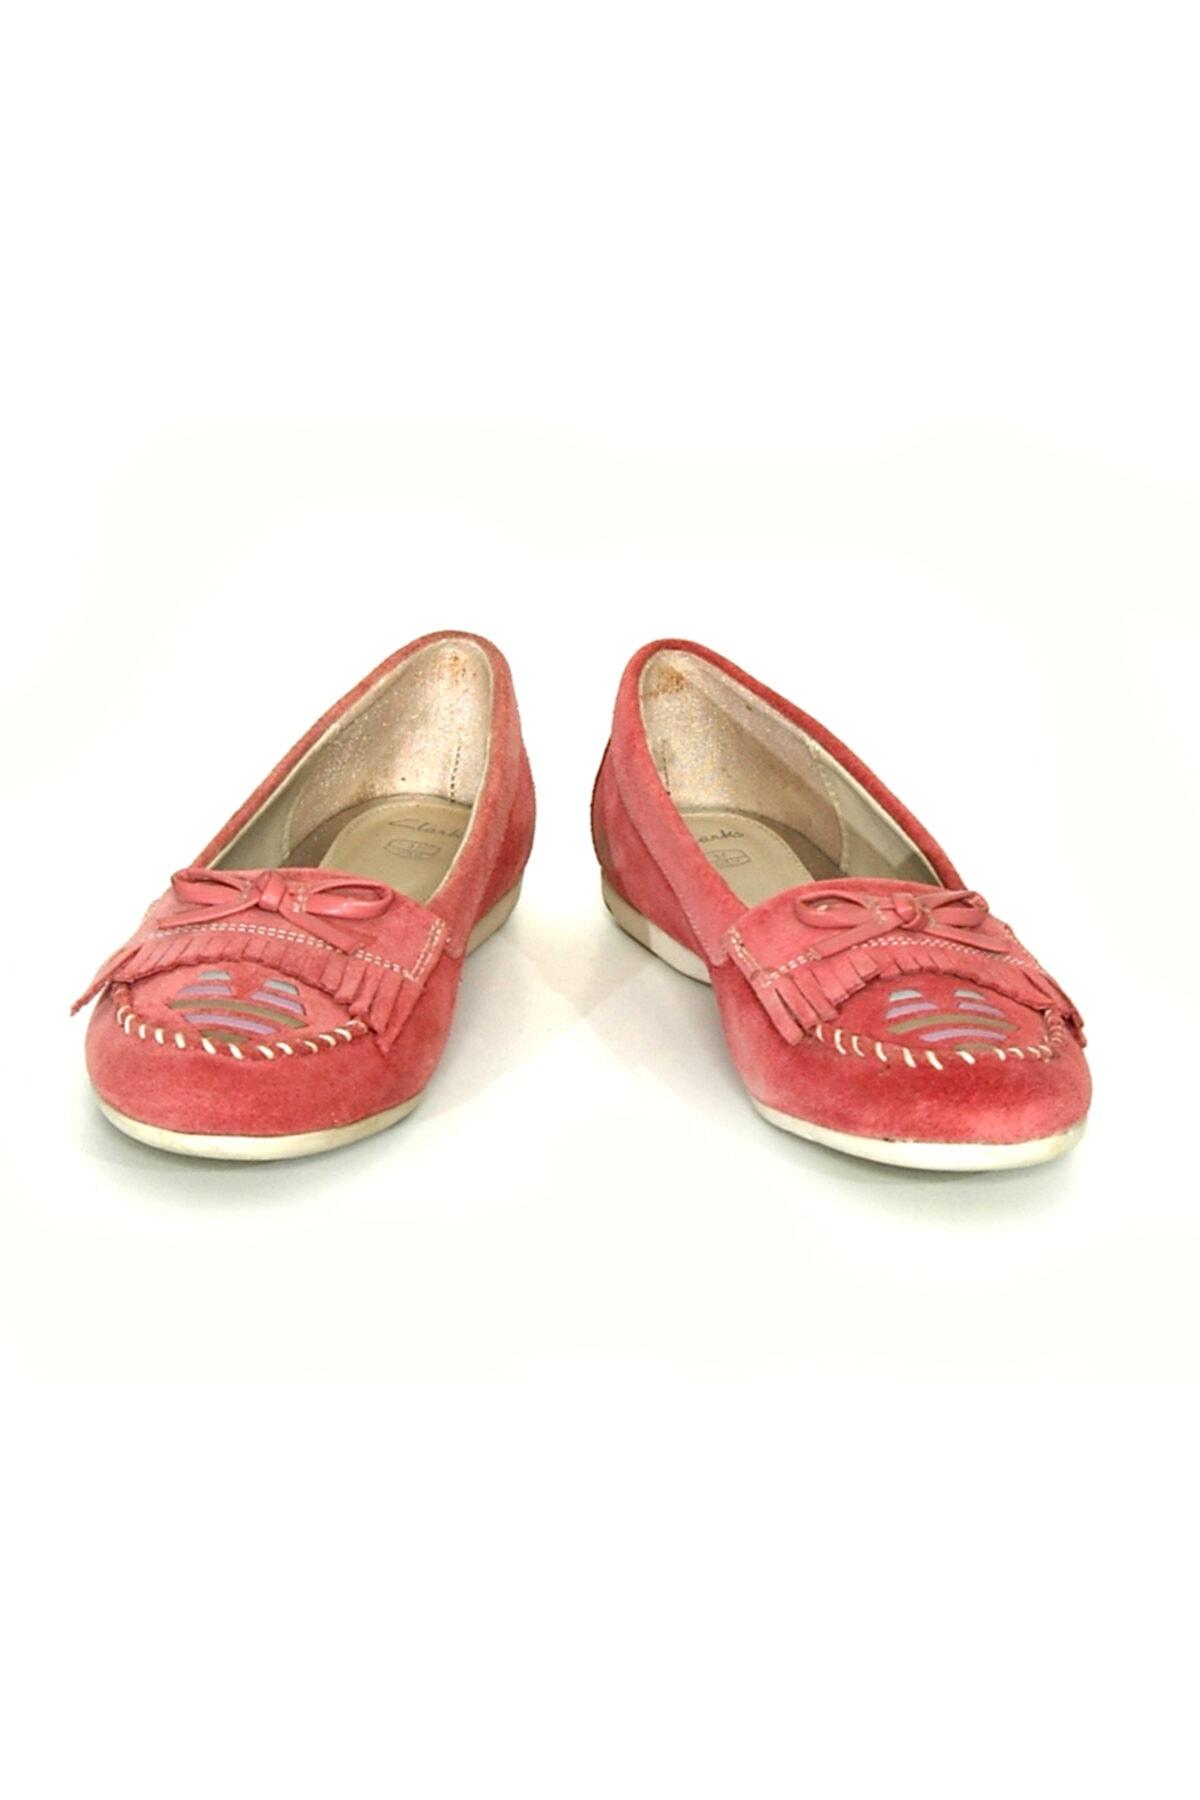 CLARKS Kız 7 Yaş Üstü Babet Ayakkabı Şık Ve Rahat Pink Patent 2